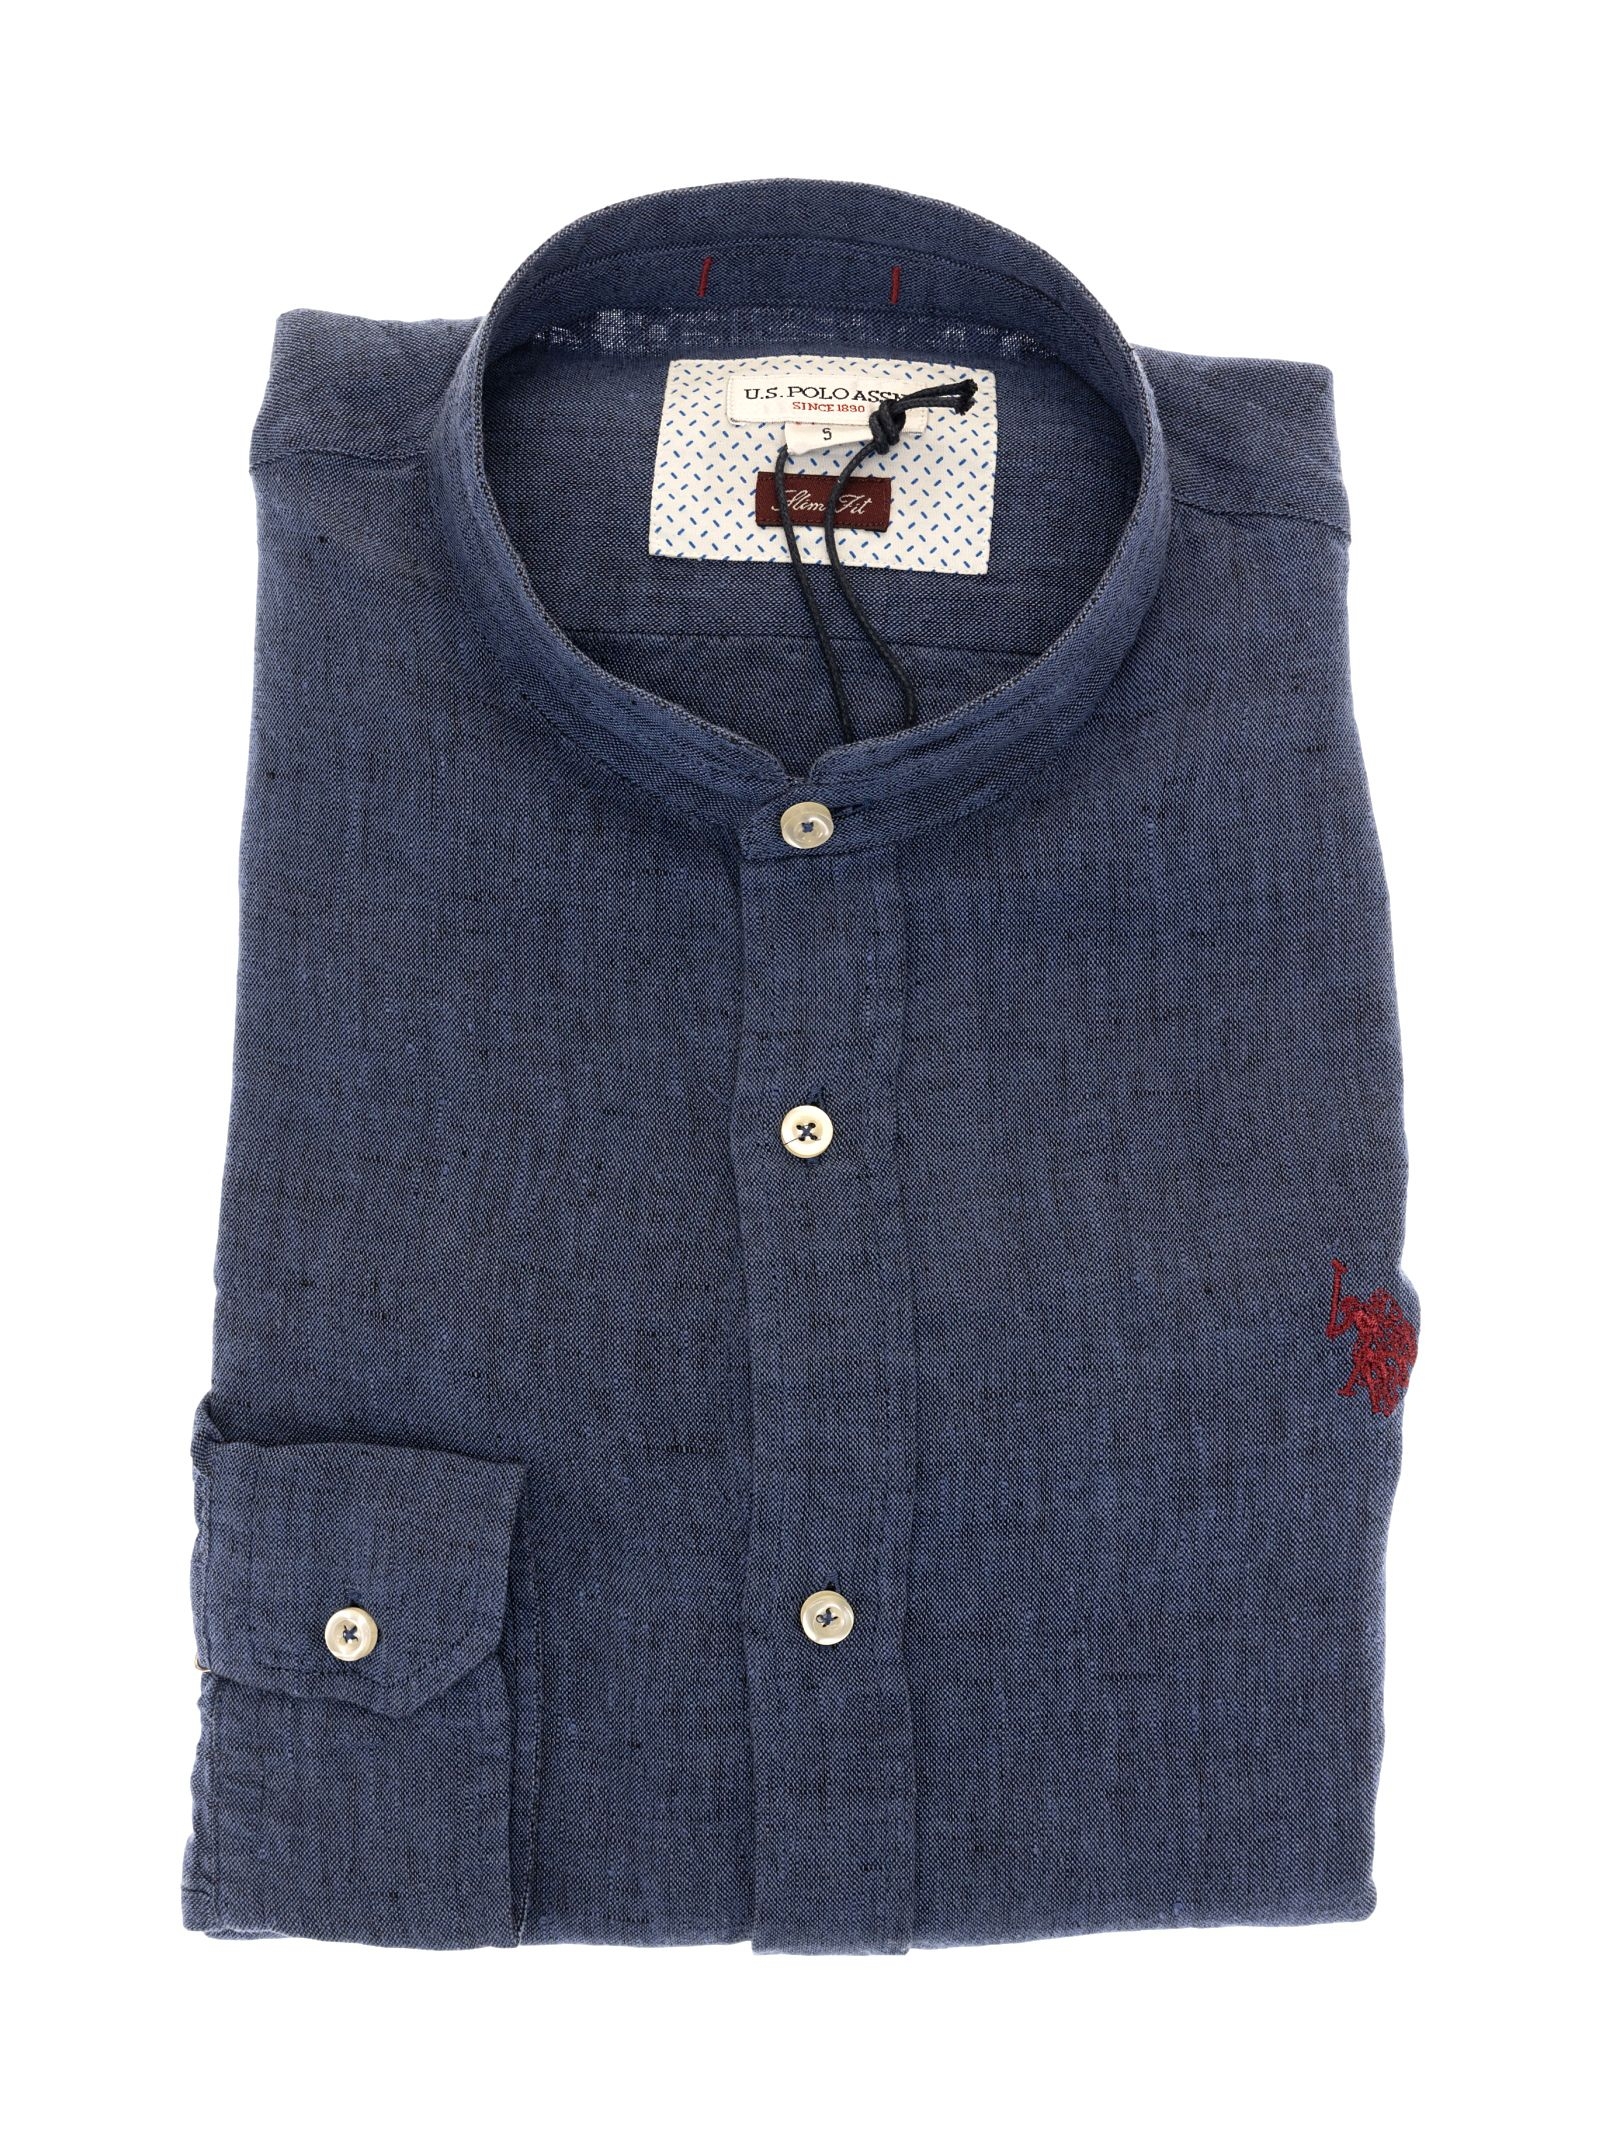 U.S Polo Assn Camicia 60418 50816